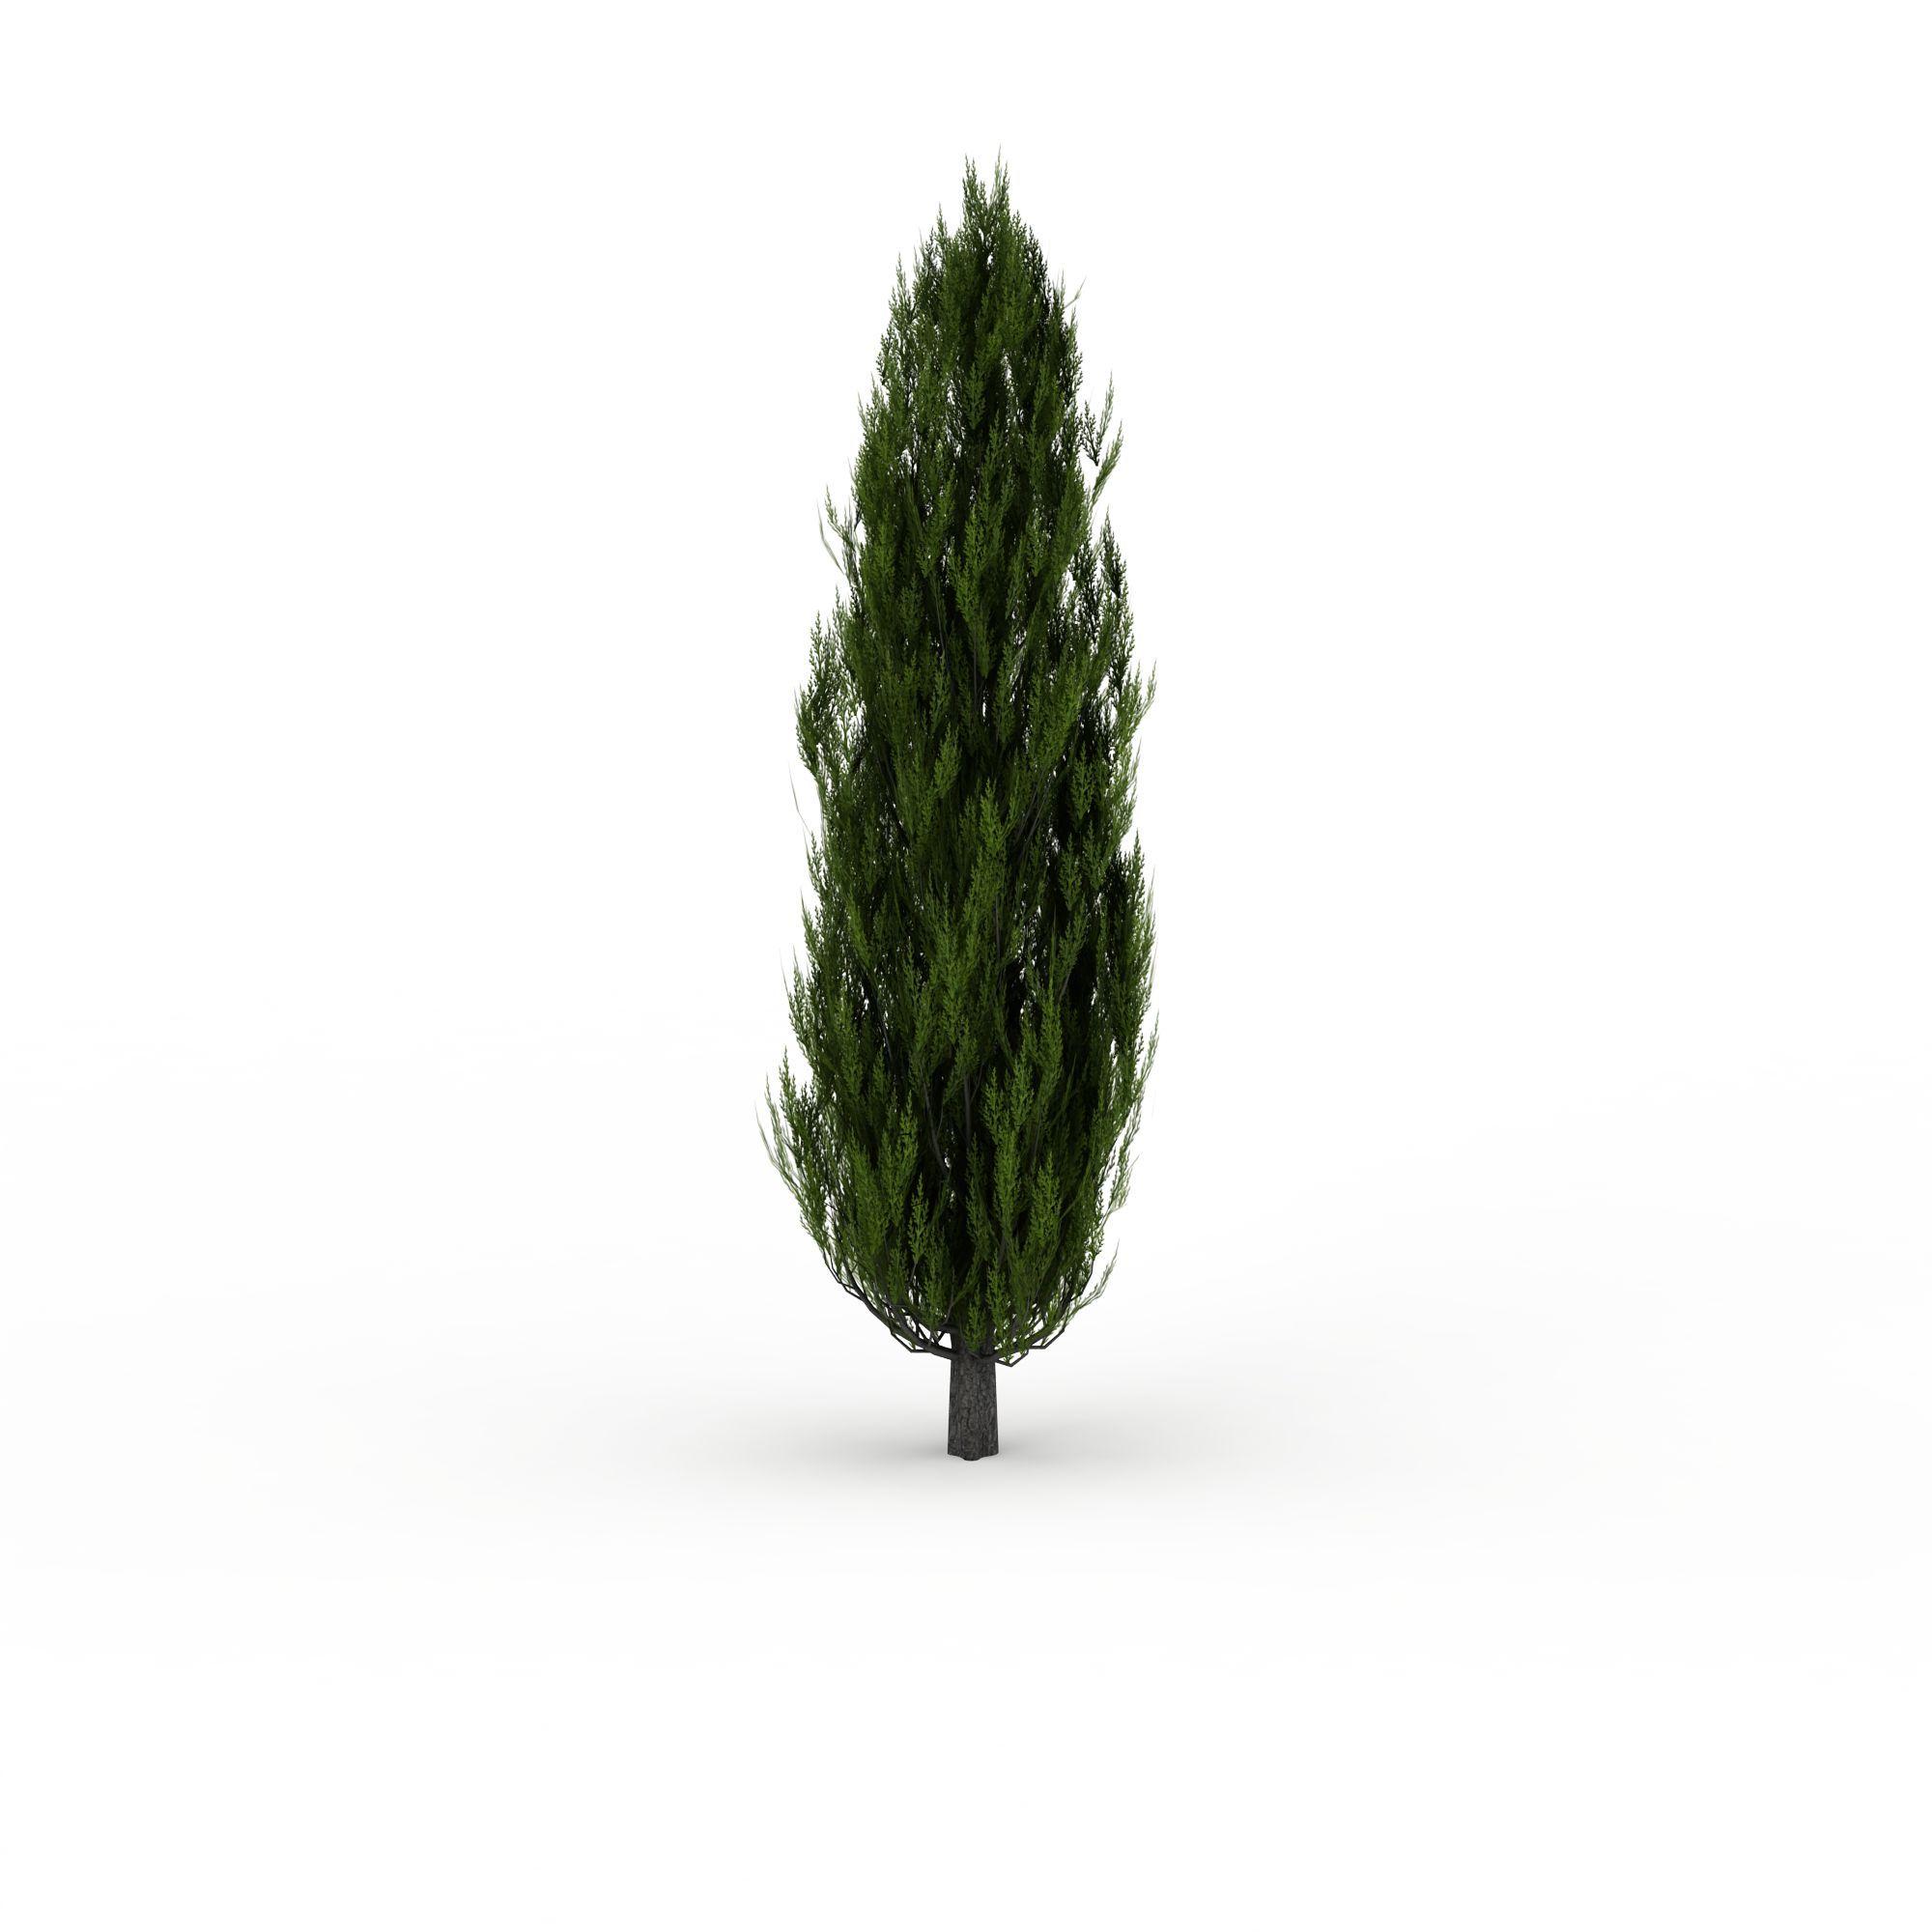 柏树图片_柏树png图片素材_柏树png高清图下载